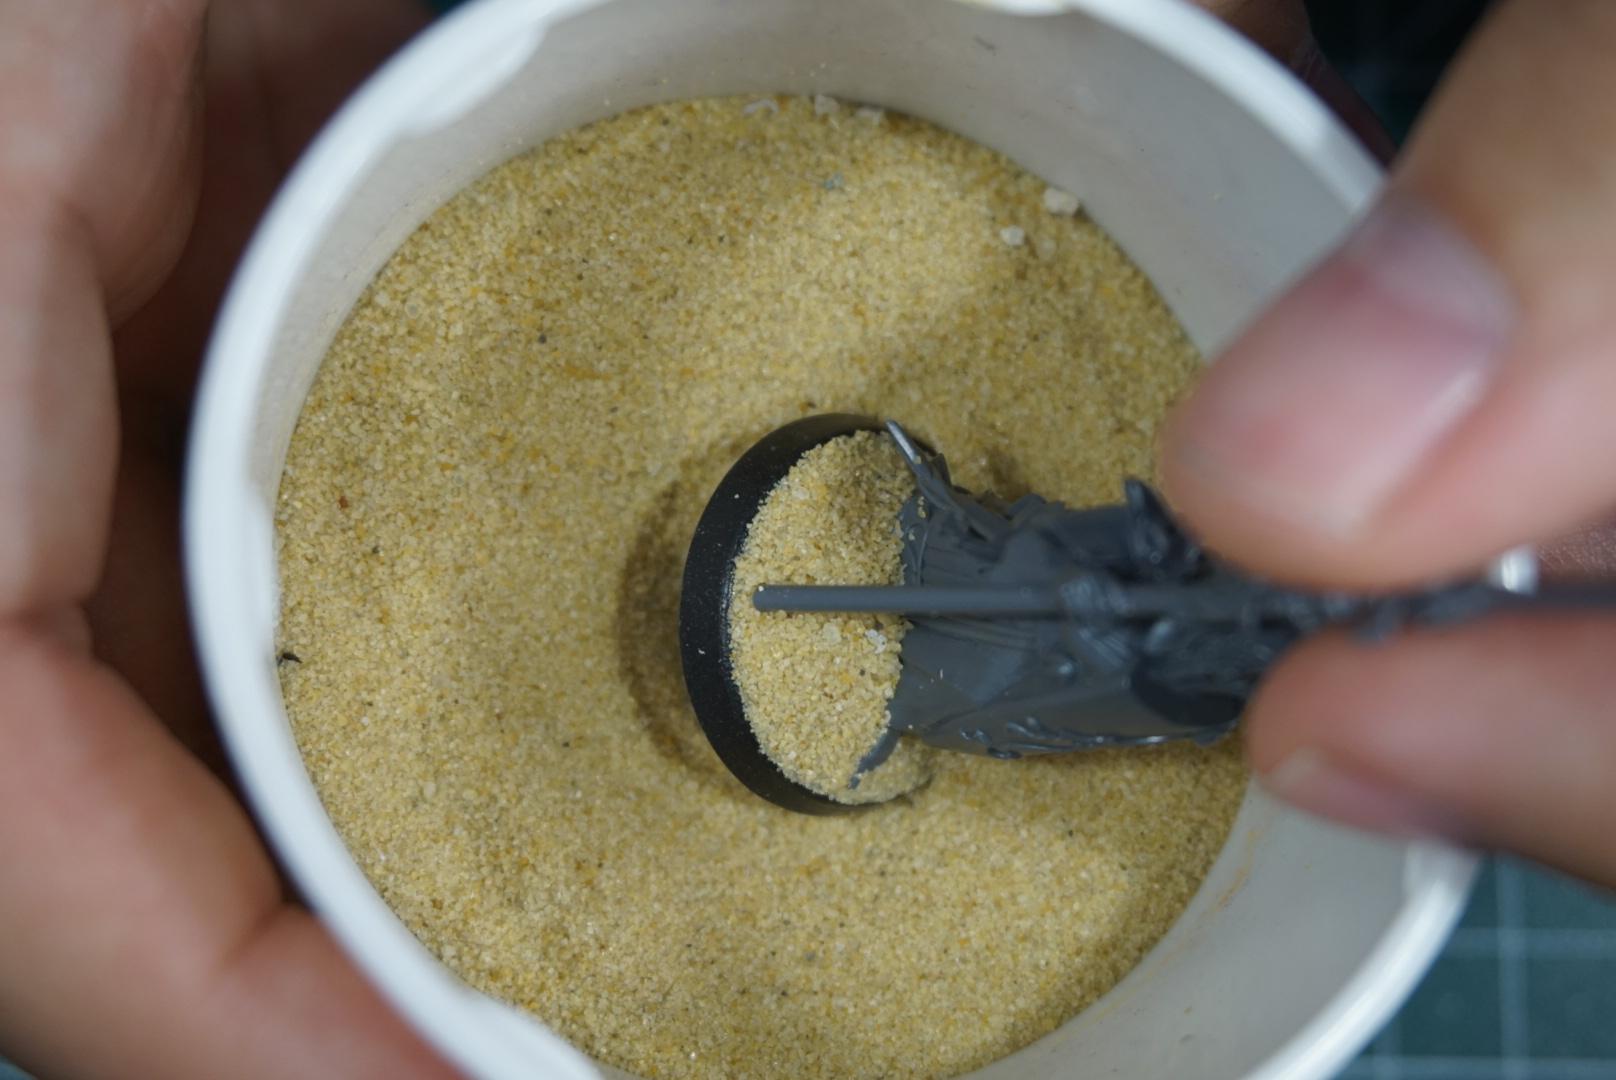 Minijatura nakon uranjanja u posudu s pijeskom